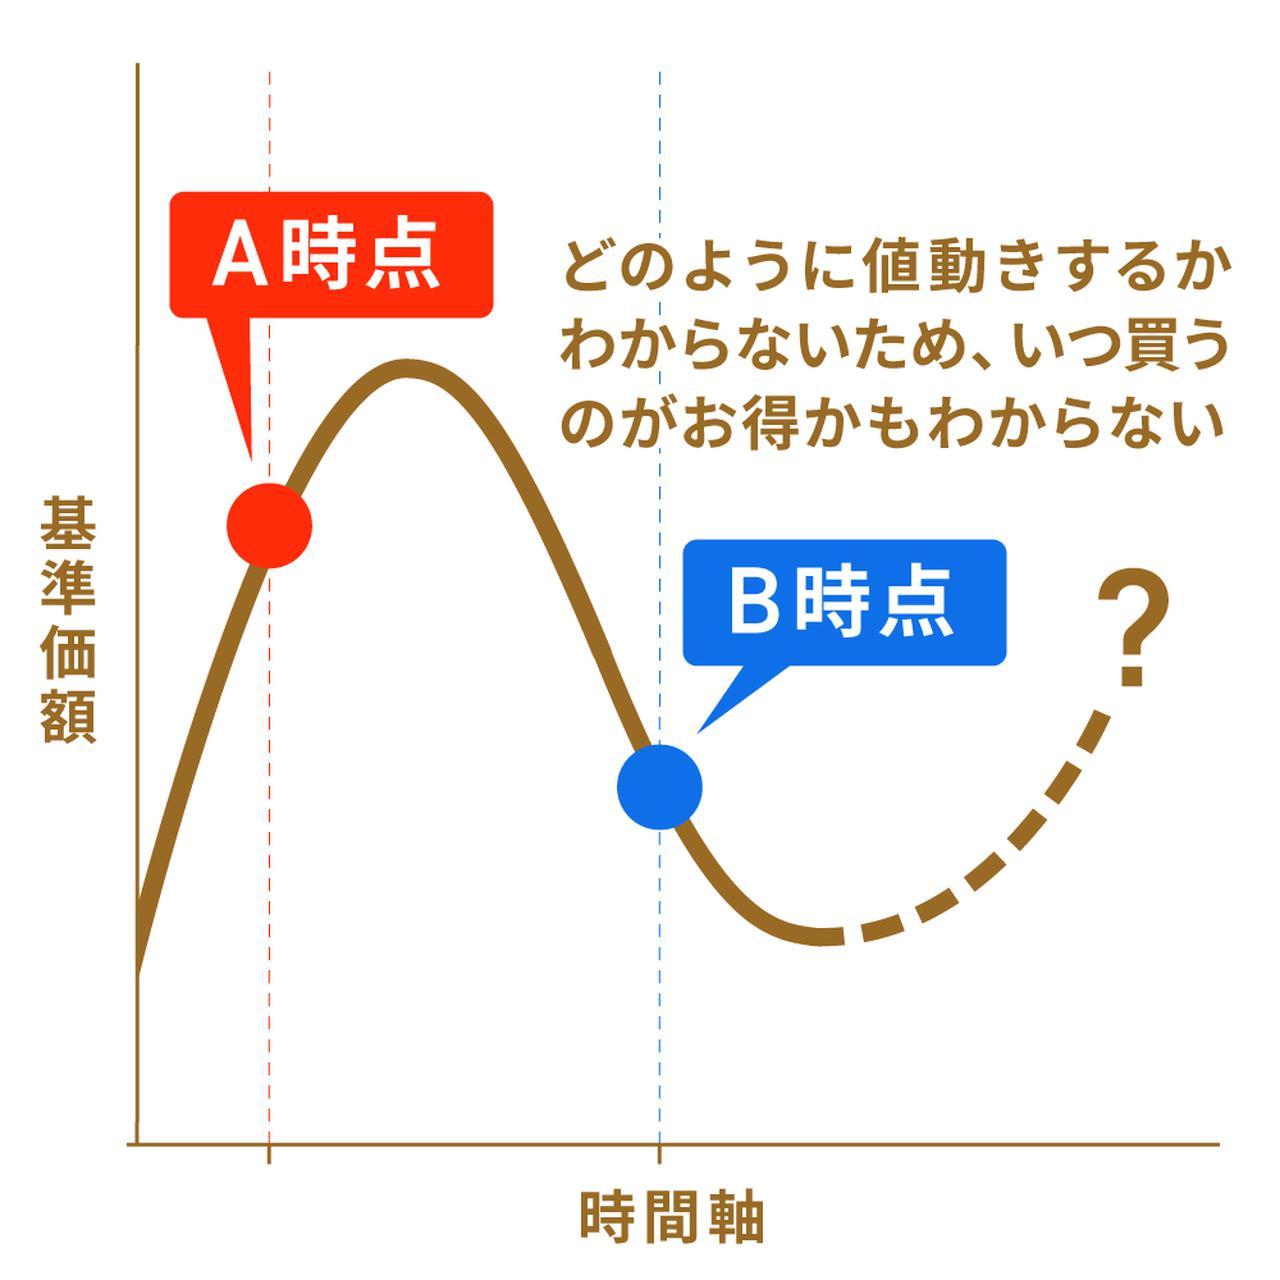 画像3: 【水瀬ケンイチさん監修】「ほったらかし投資」は初心者にこそおすすめ。始め方&コツを解説